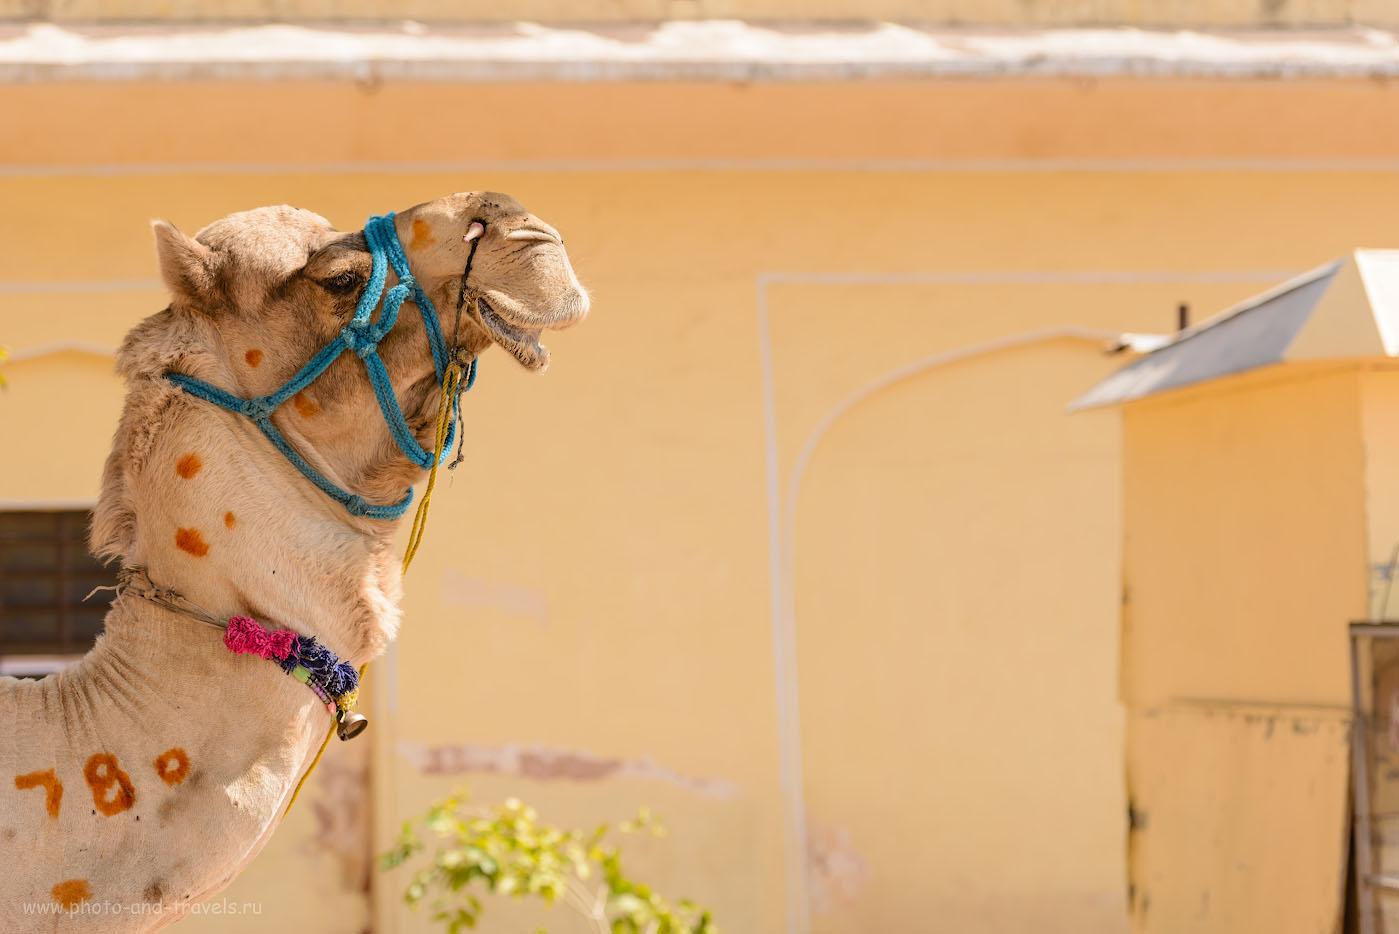 Фото 26. Драмадер в крепости Джайгарх. Знали бы вы, какой он высокий! 1/500, 4.0, 100, 98.